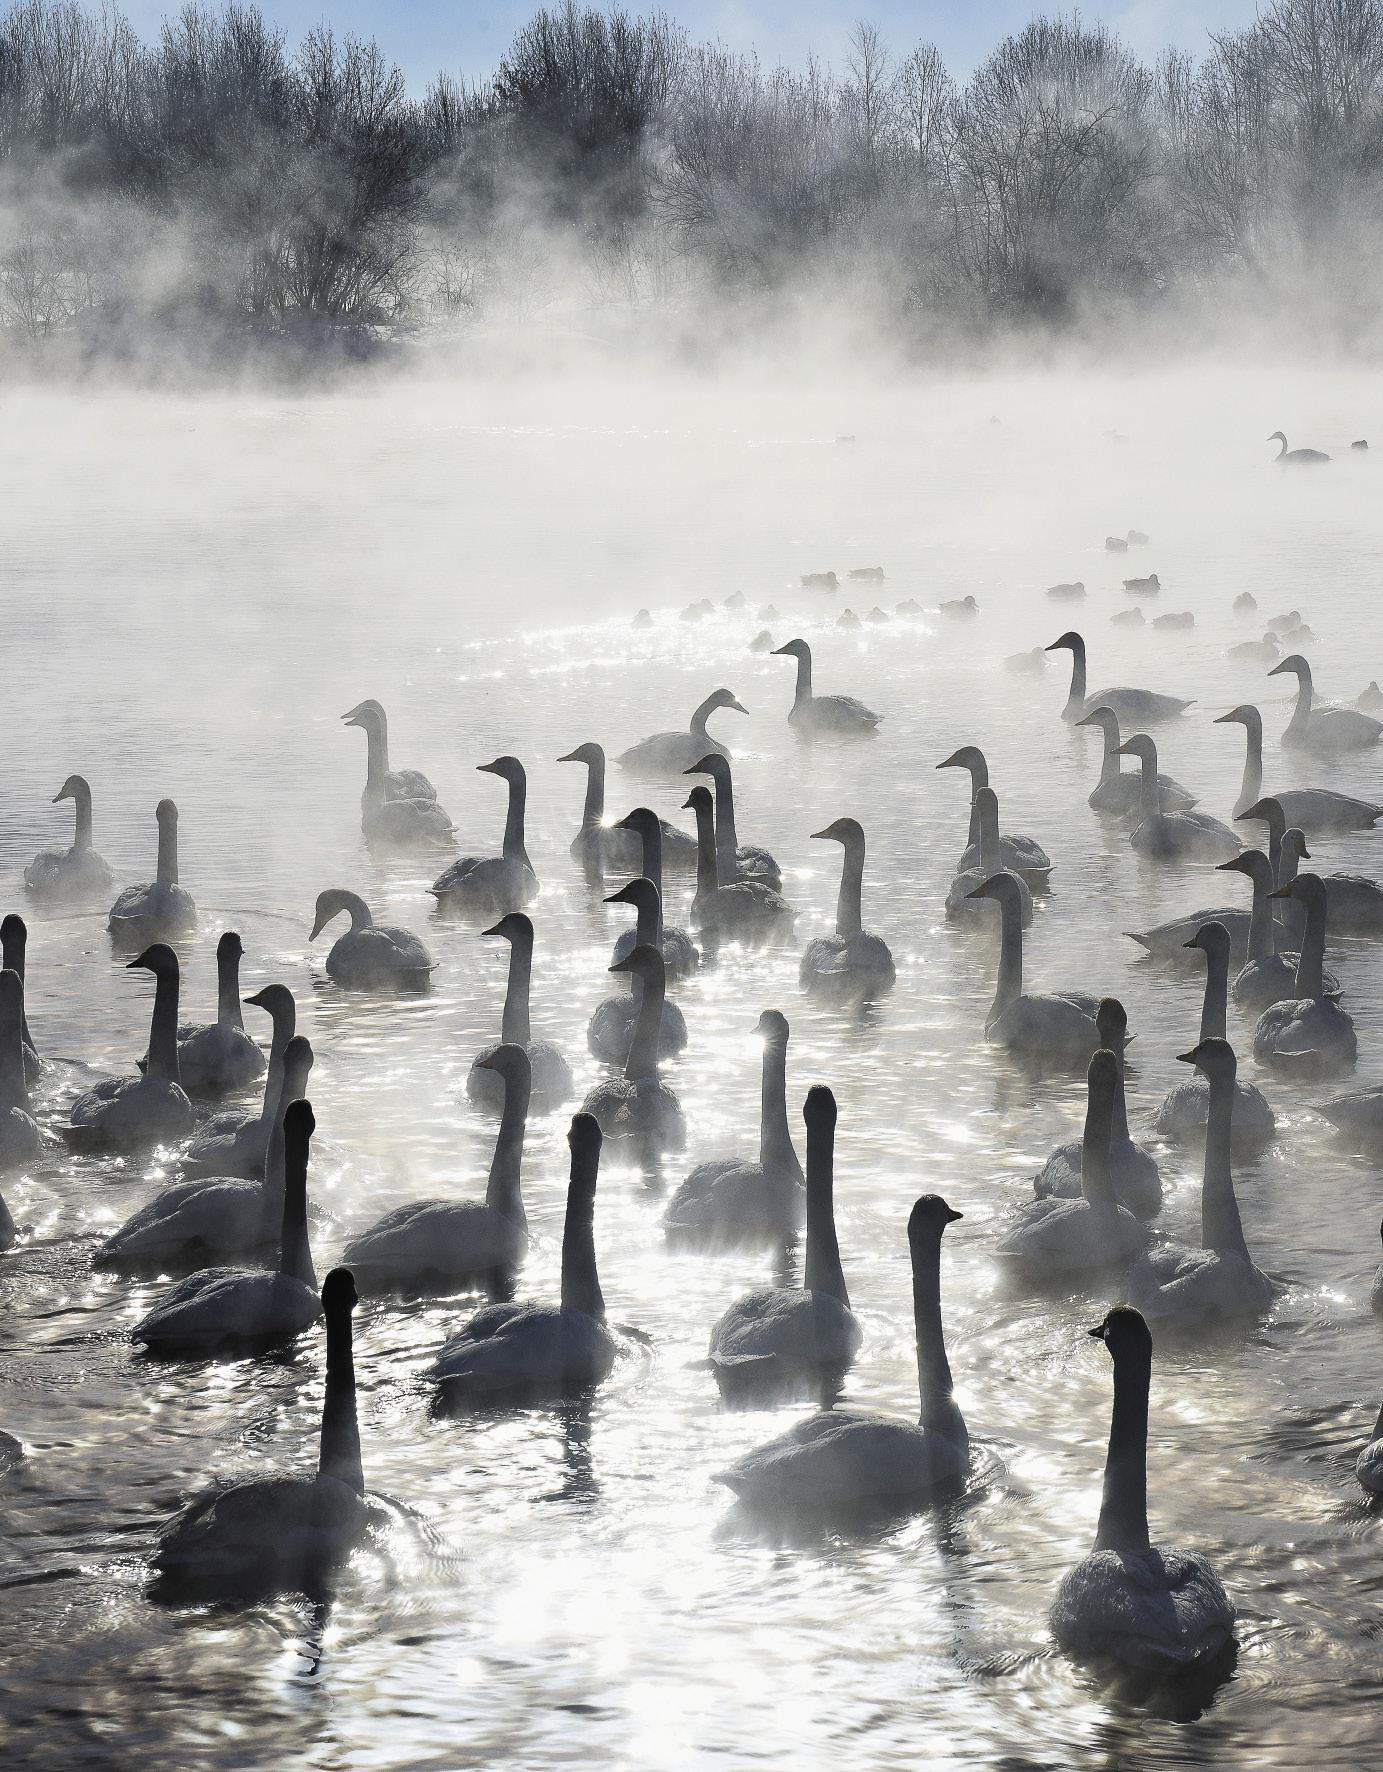 Птицы легко переносят суровые сибирские морозы. Теплые подземные ключи не дают водоему замерзнуть: когда температура воздуха переваливает за -40, в озере она +6.